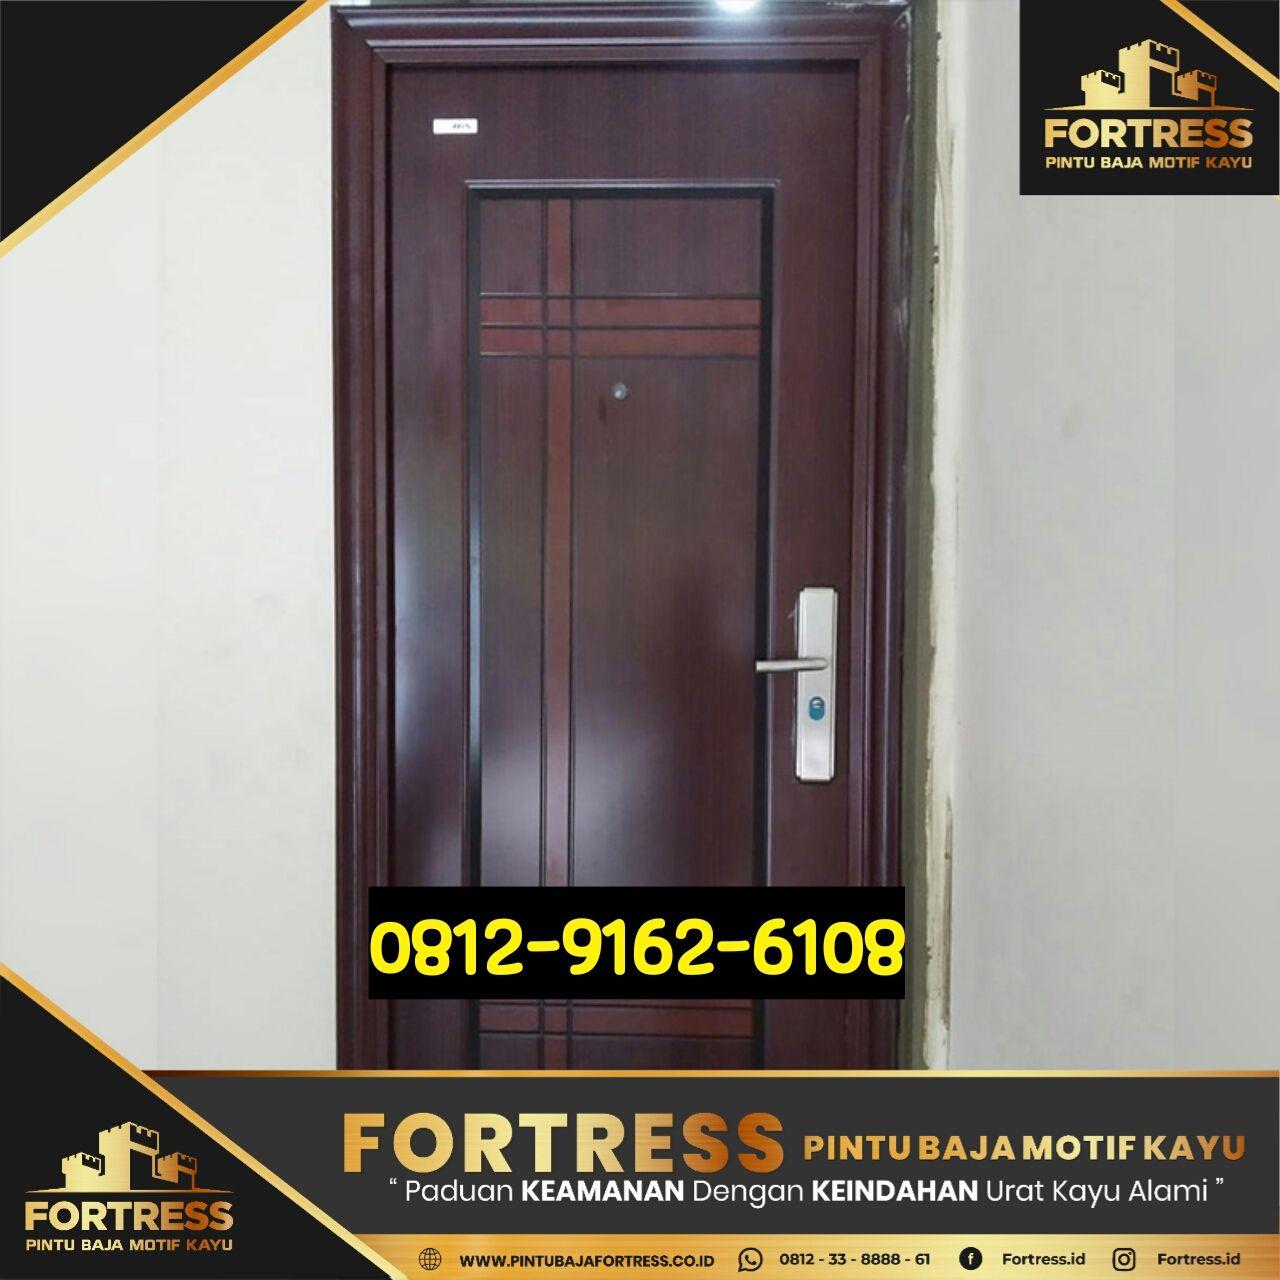 0812-9162-6105 (FOTRESS), iron door frames, price list …